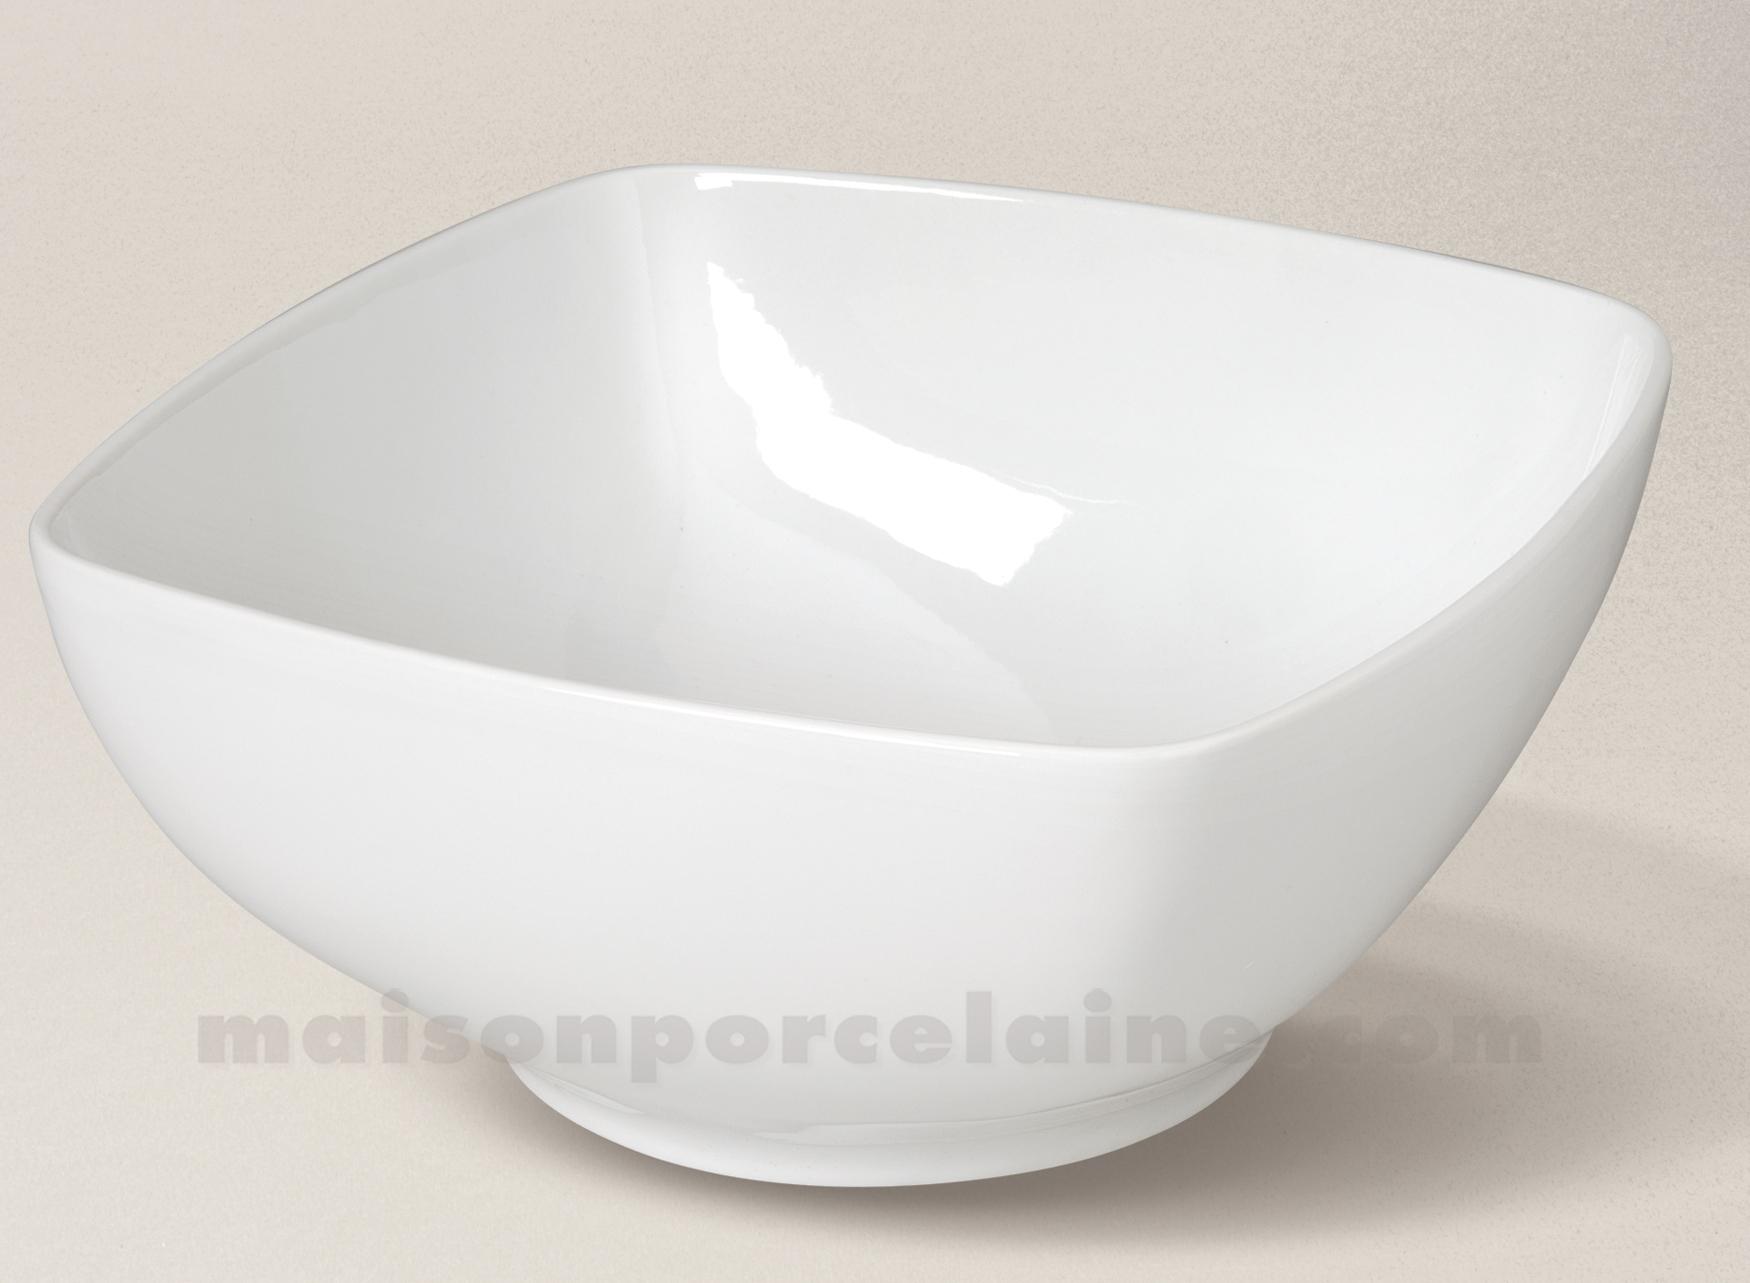 saladier carre porcelaine blanche sahara 23x23 maison de la porcelaine. Black Bedroom Furniture Sets. Home Design Ideas